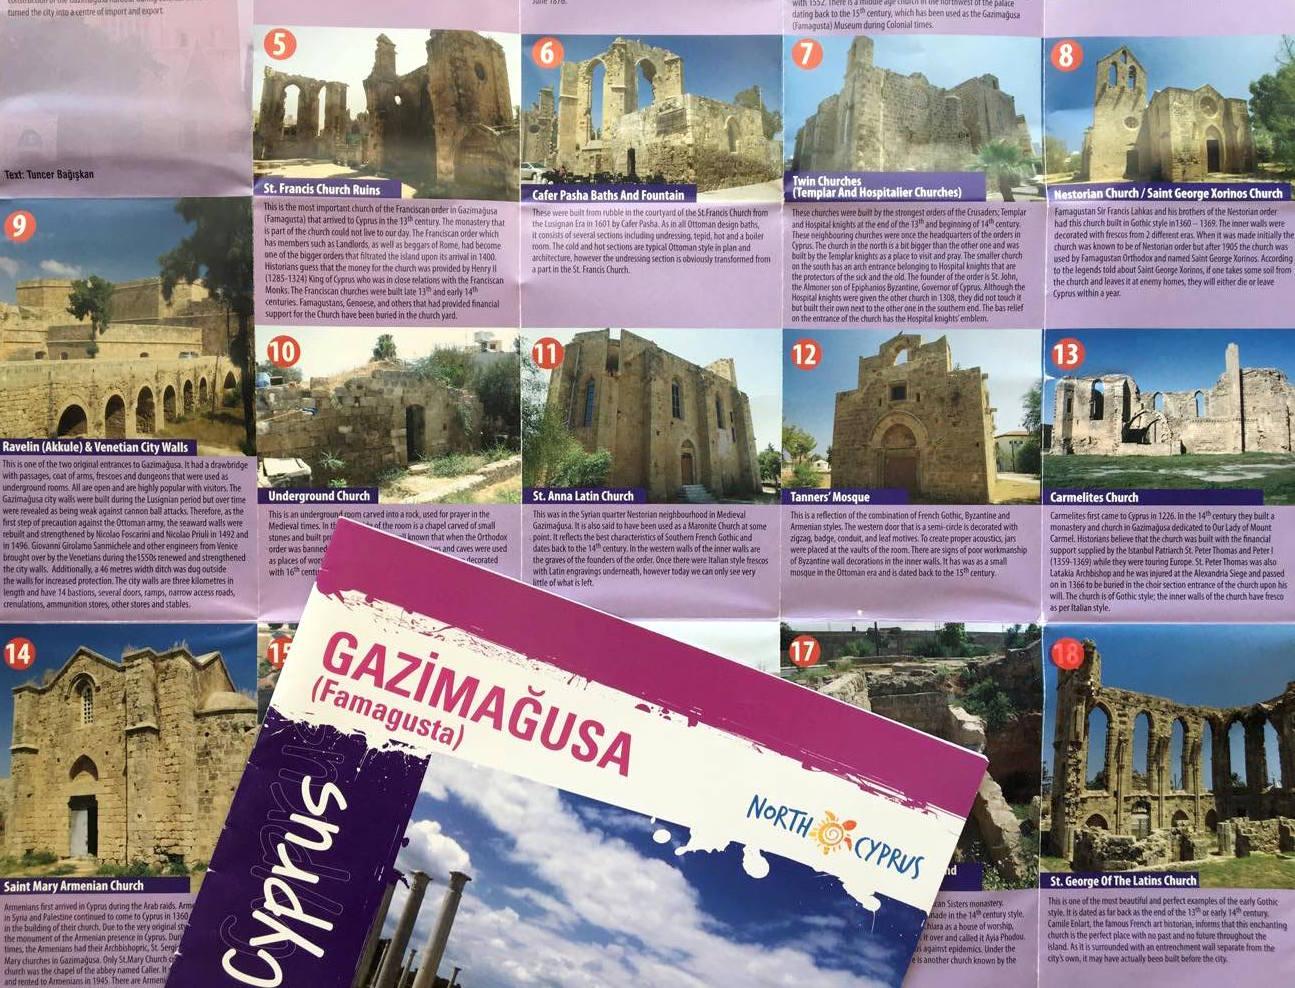 Famagusta, spørgelsesby på Cypern, oplevelser i famagusta, famagusta oplevelser